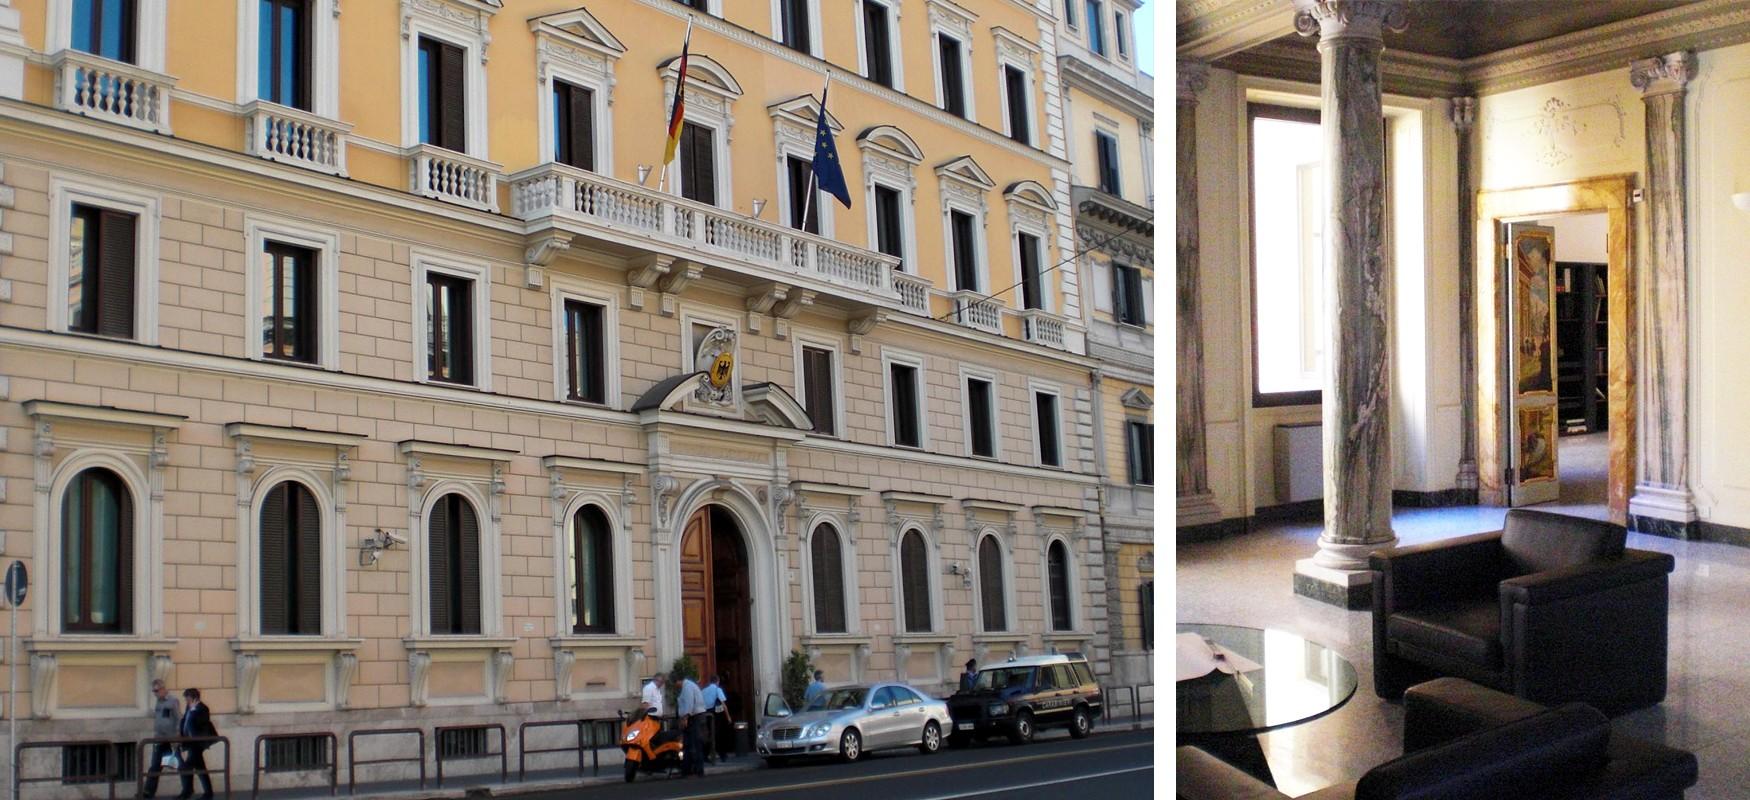 Brandschutzplanung bei der Deutschen Botschaft in Rom vom Ingenieurbüro Pabst und Partner Ingenieure